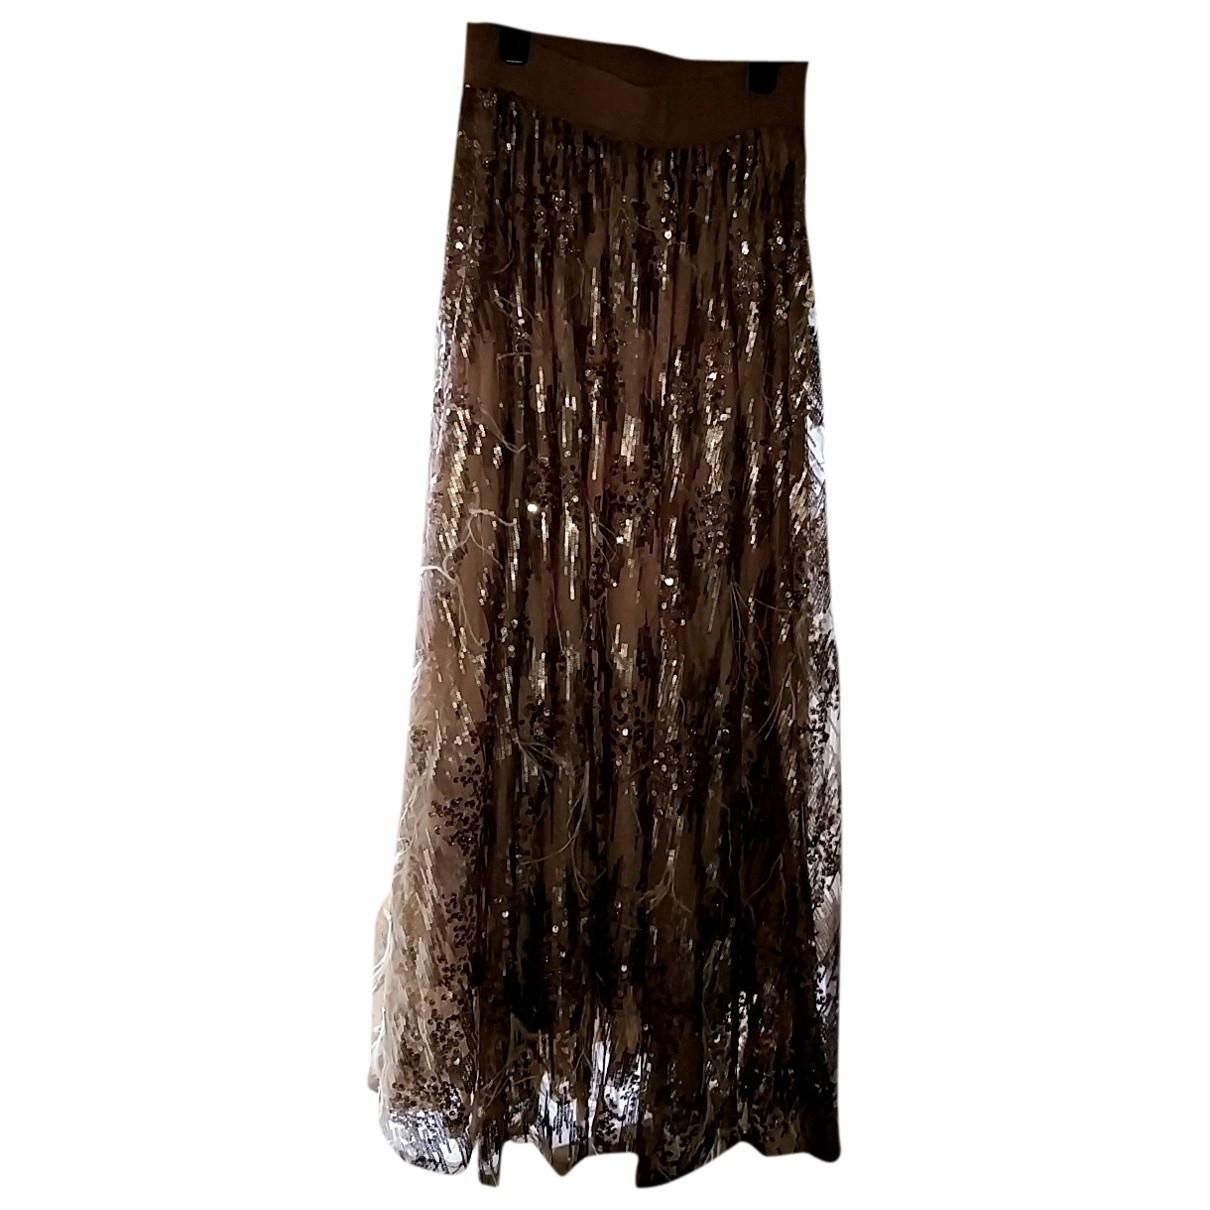 Zara \N Beige skirt for Women S International